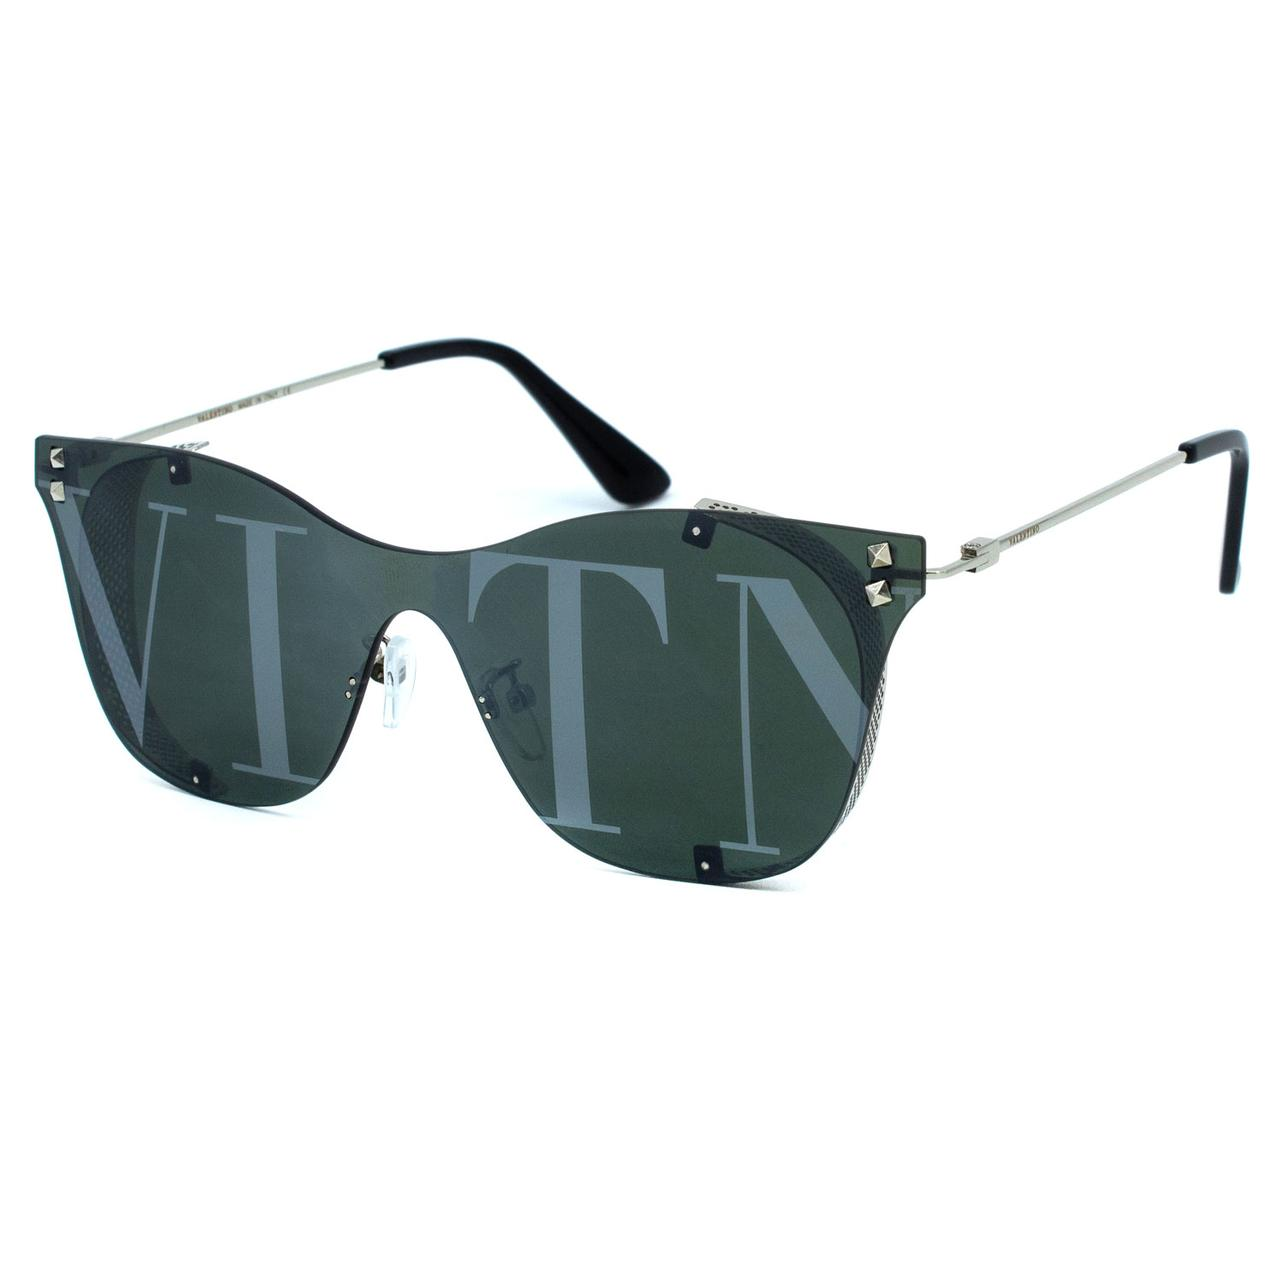 Солнцезащитные очки Valentino R5093 C4 зелено серебряные     ( R5093-04 )